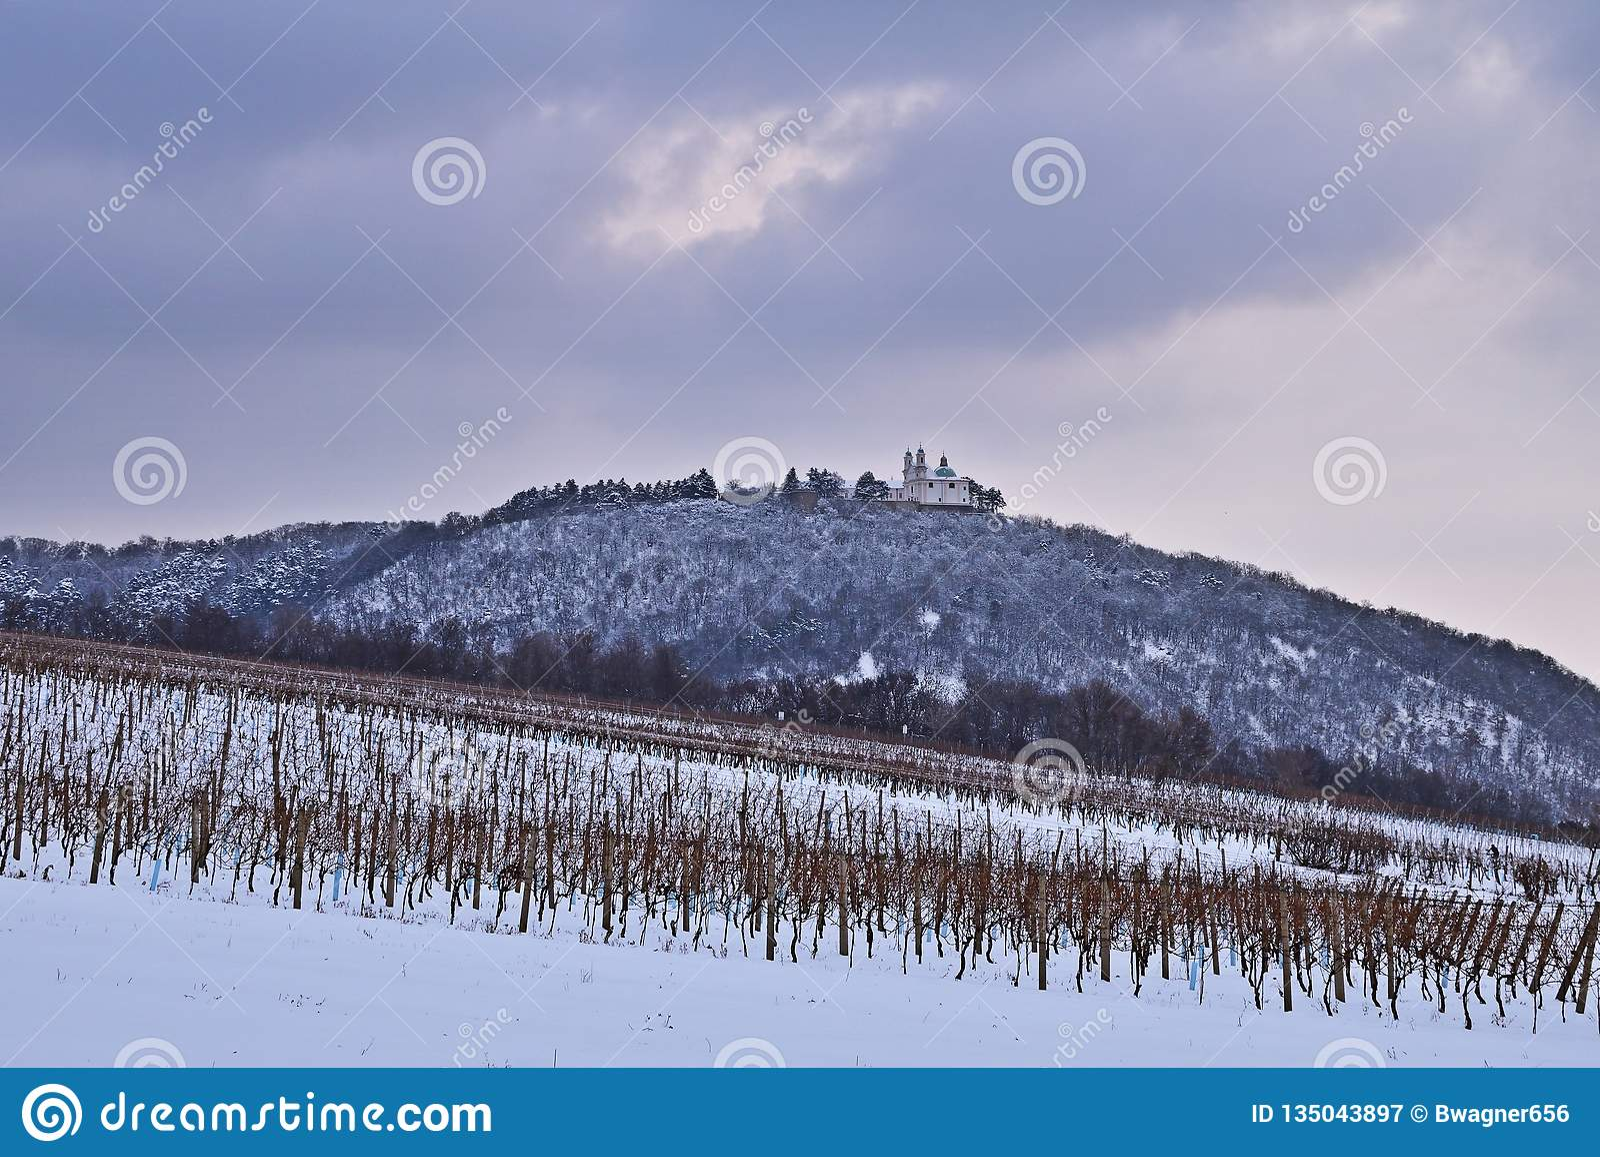 Vineyards near Vienna, Austria in winter